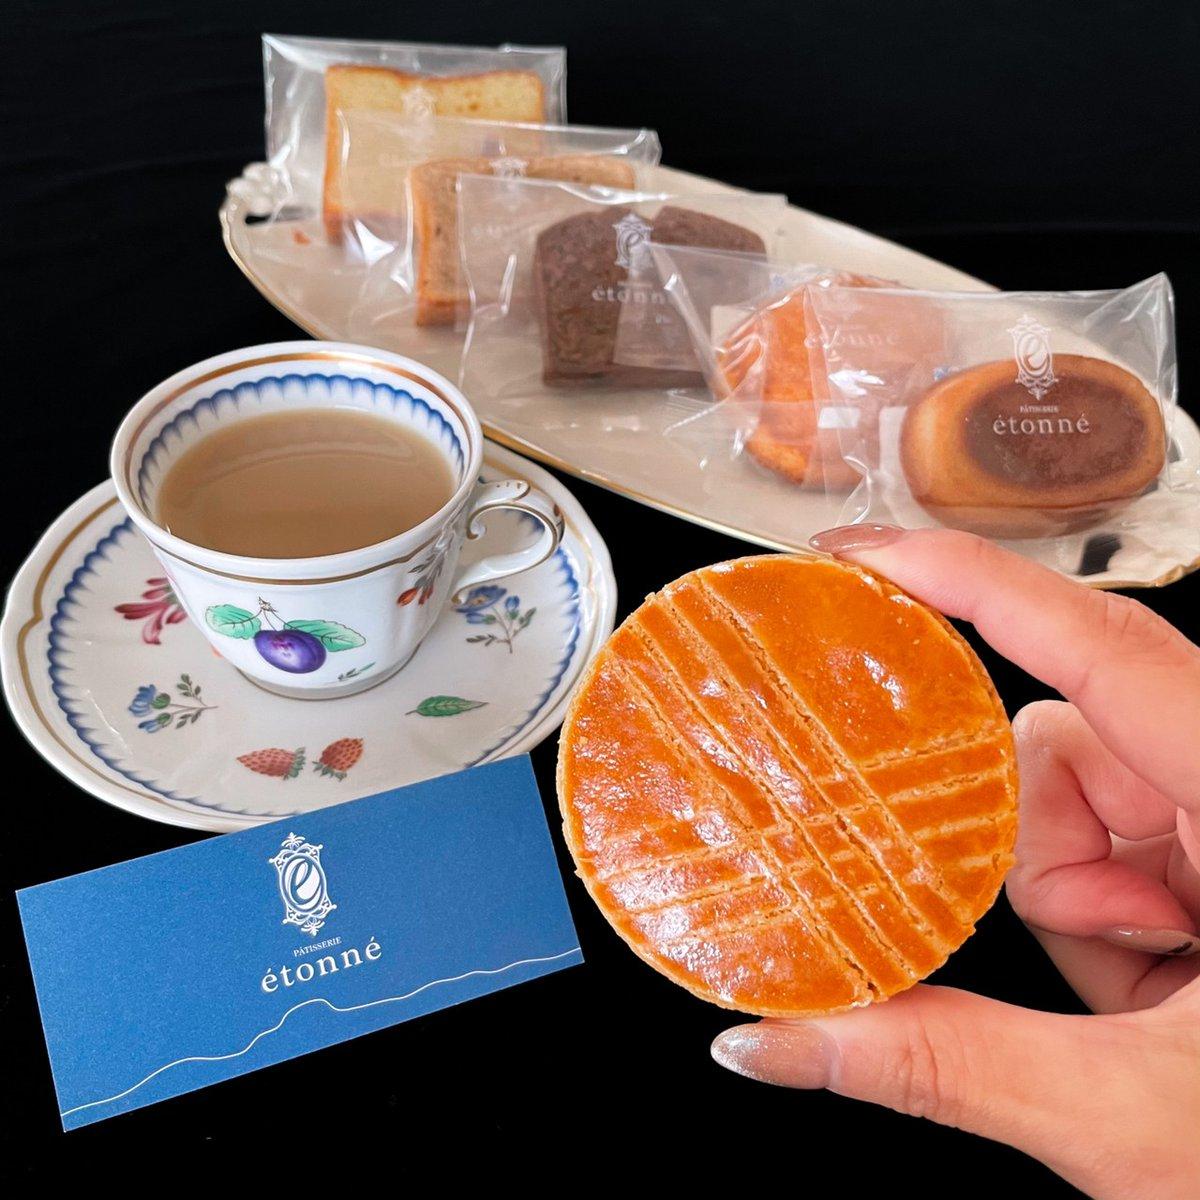 【新着記事をCHECK!】【リピート必至】パティシエも注目の超有名店!高級感溢れる極上焼き菓子セット#スイーツ#パティスリーエトネ#お取り寄せ#ippin